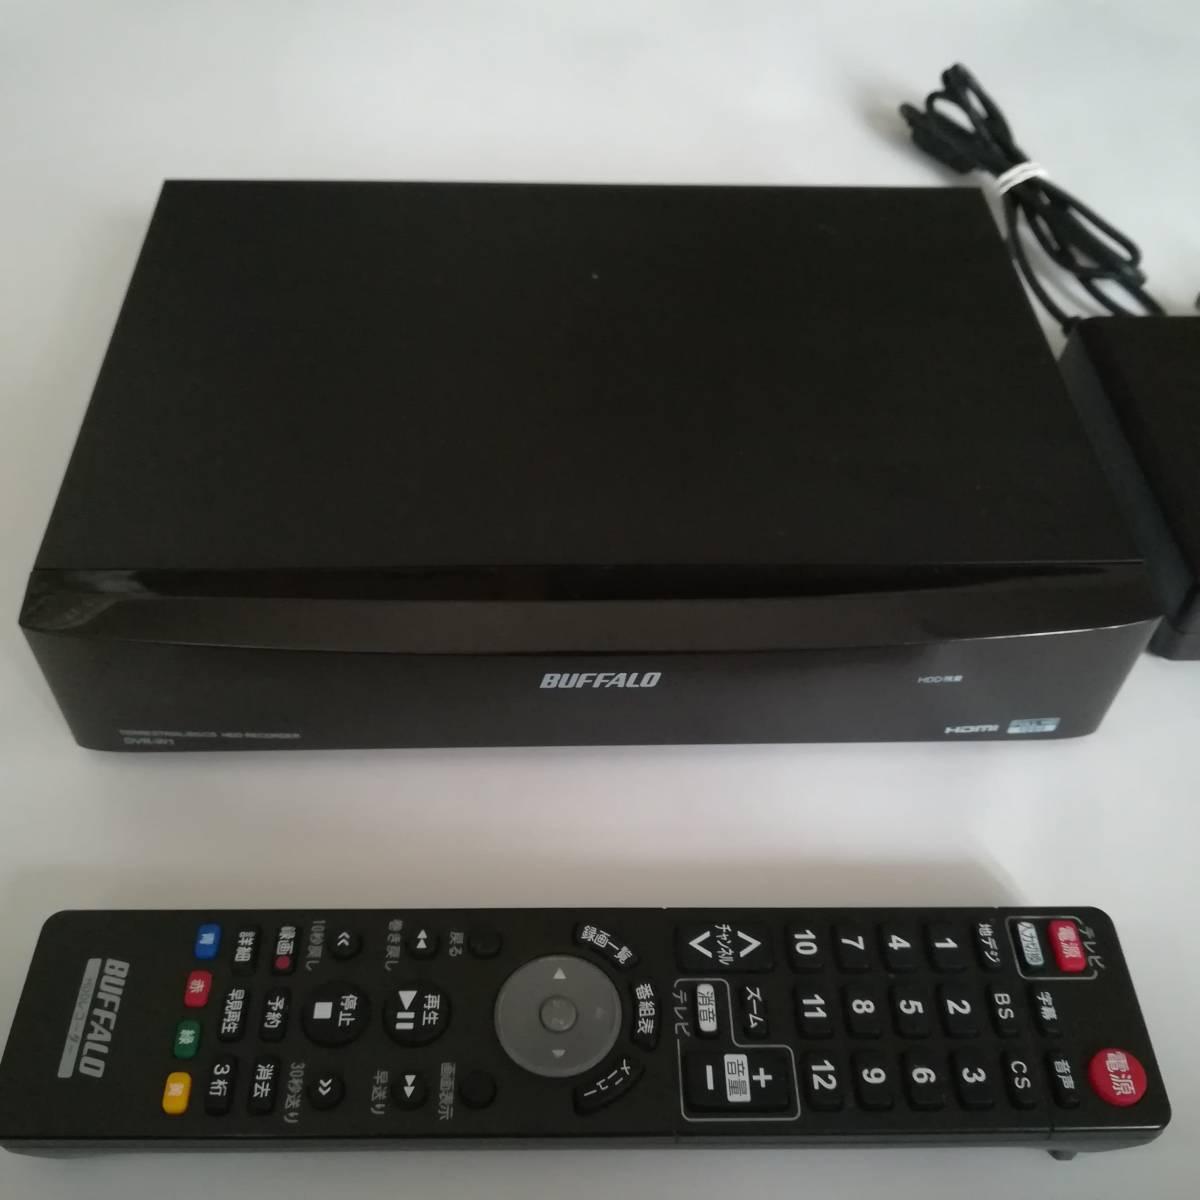 【完動品】【3波W録】【1TB】【USB HDD対応】BUFFALO バッファロー Wチューナー搭載 HDDレコーダー DVR-W1